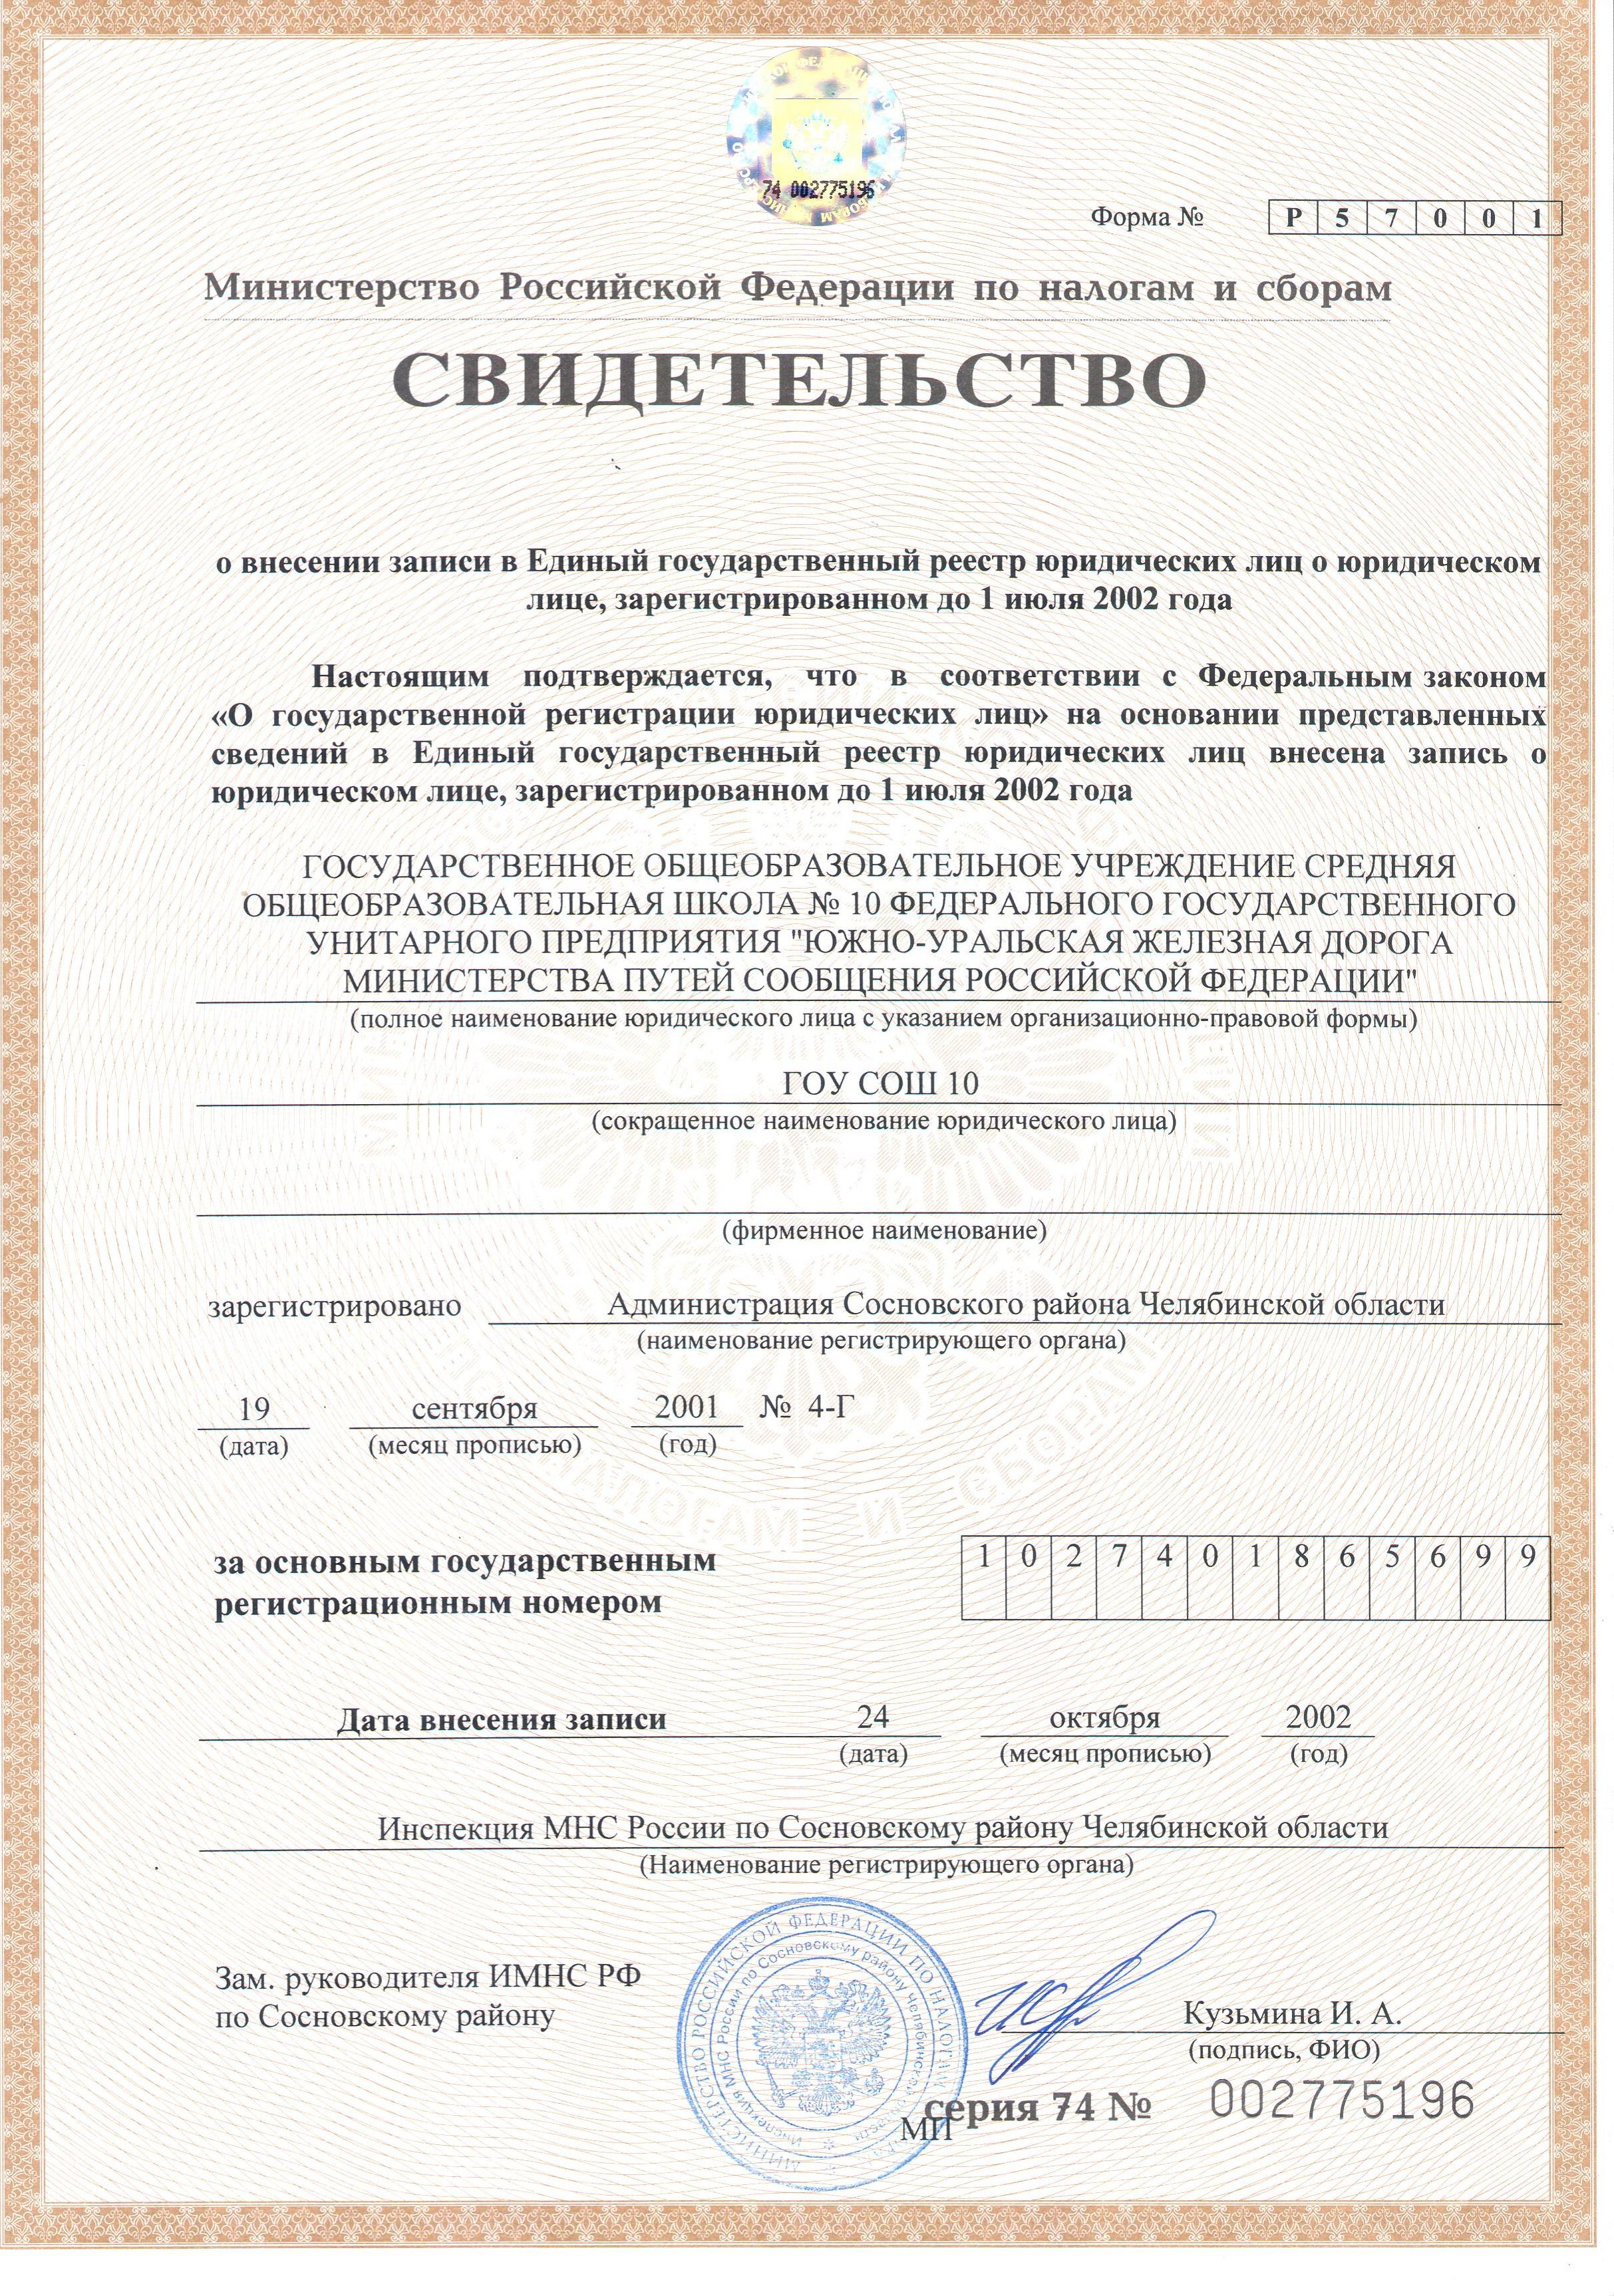 документ о государственной регистрации юридического лица образец